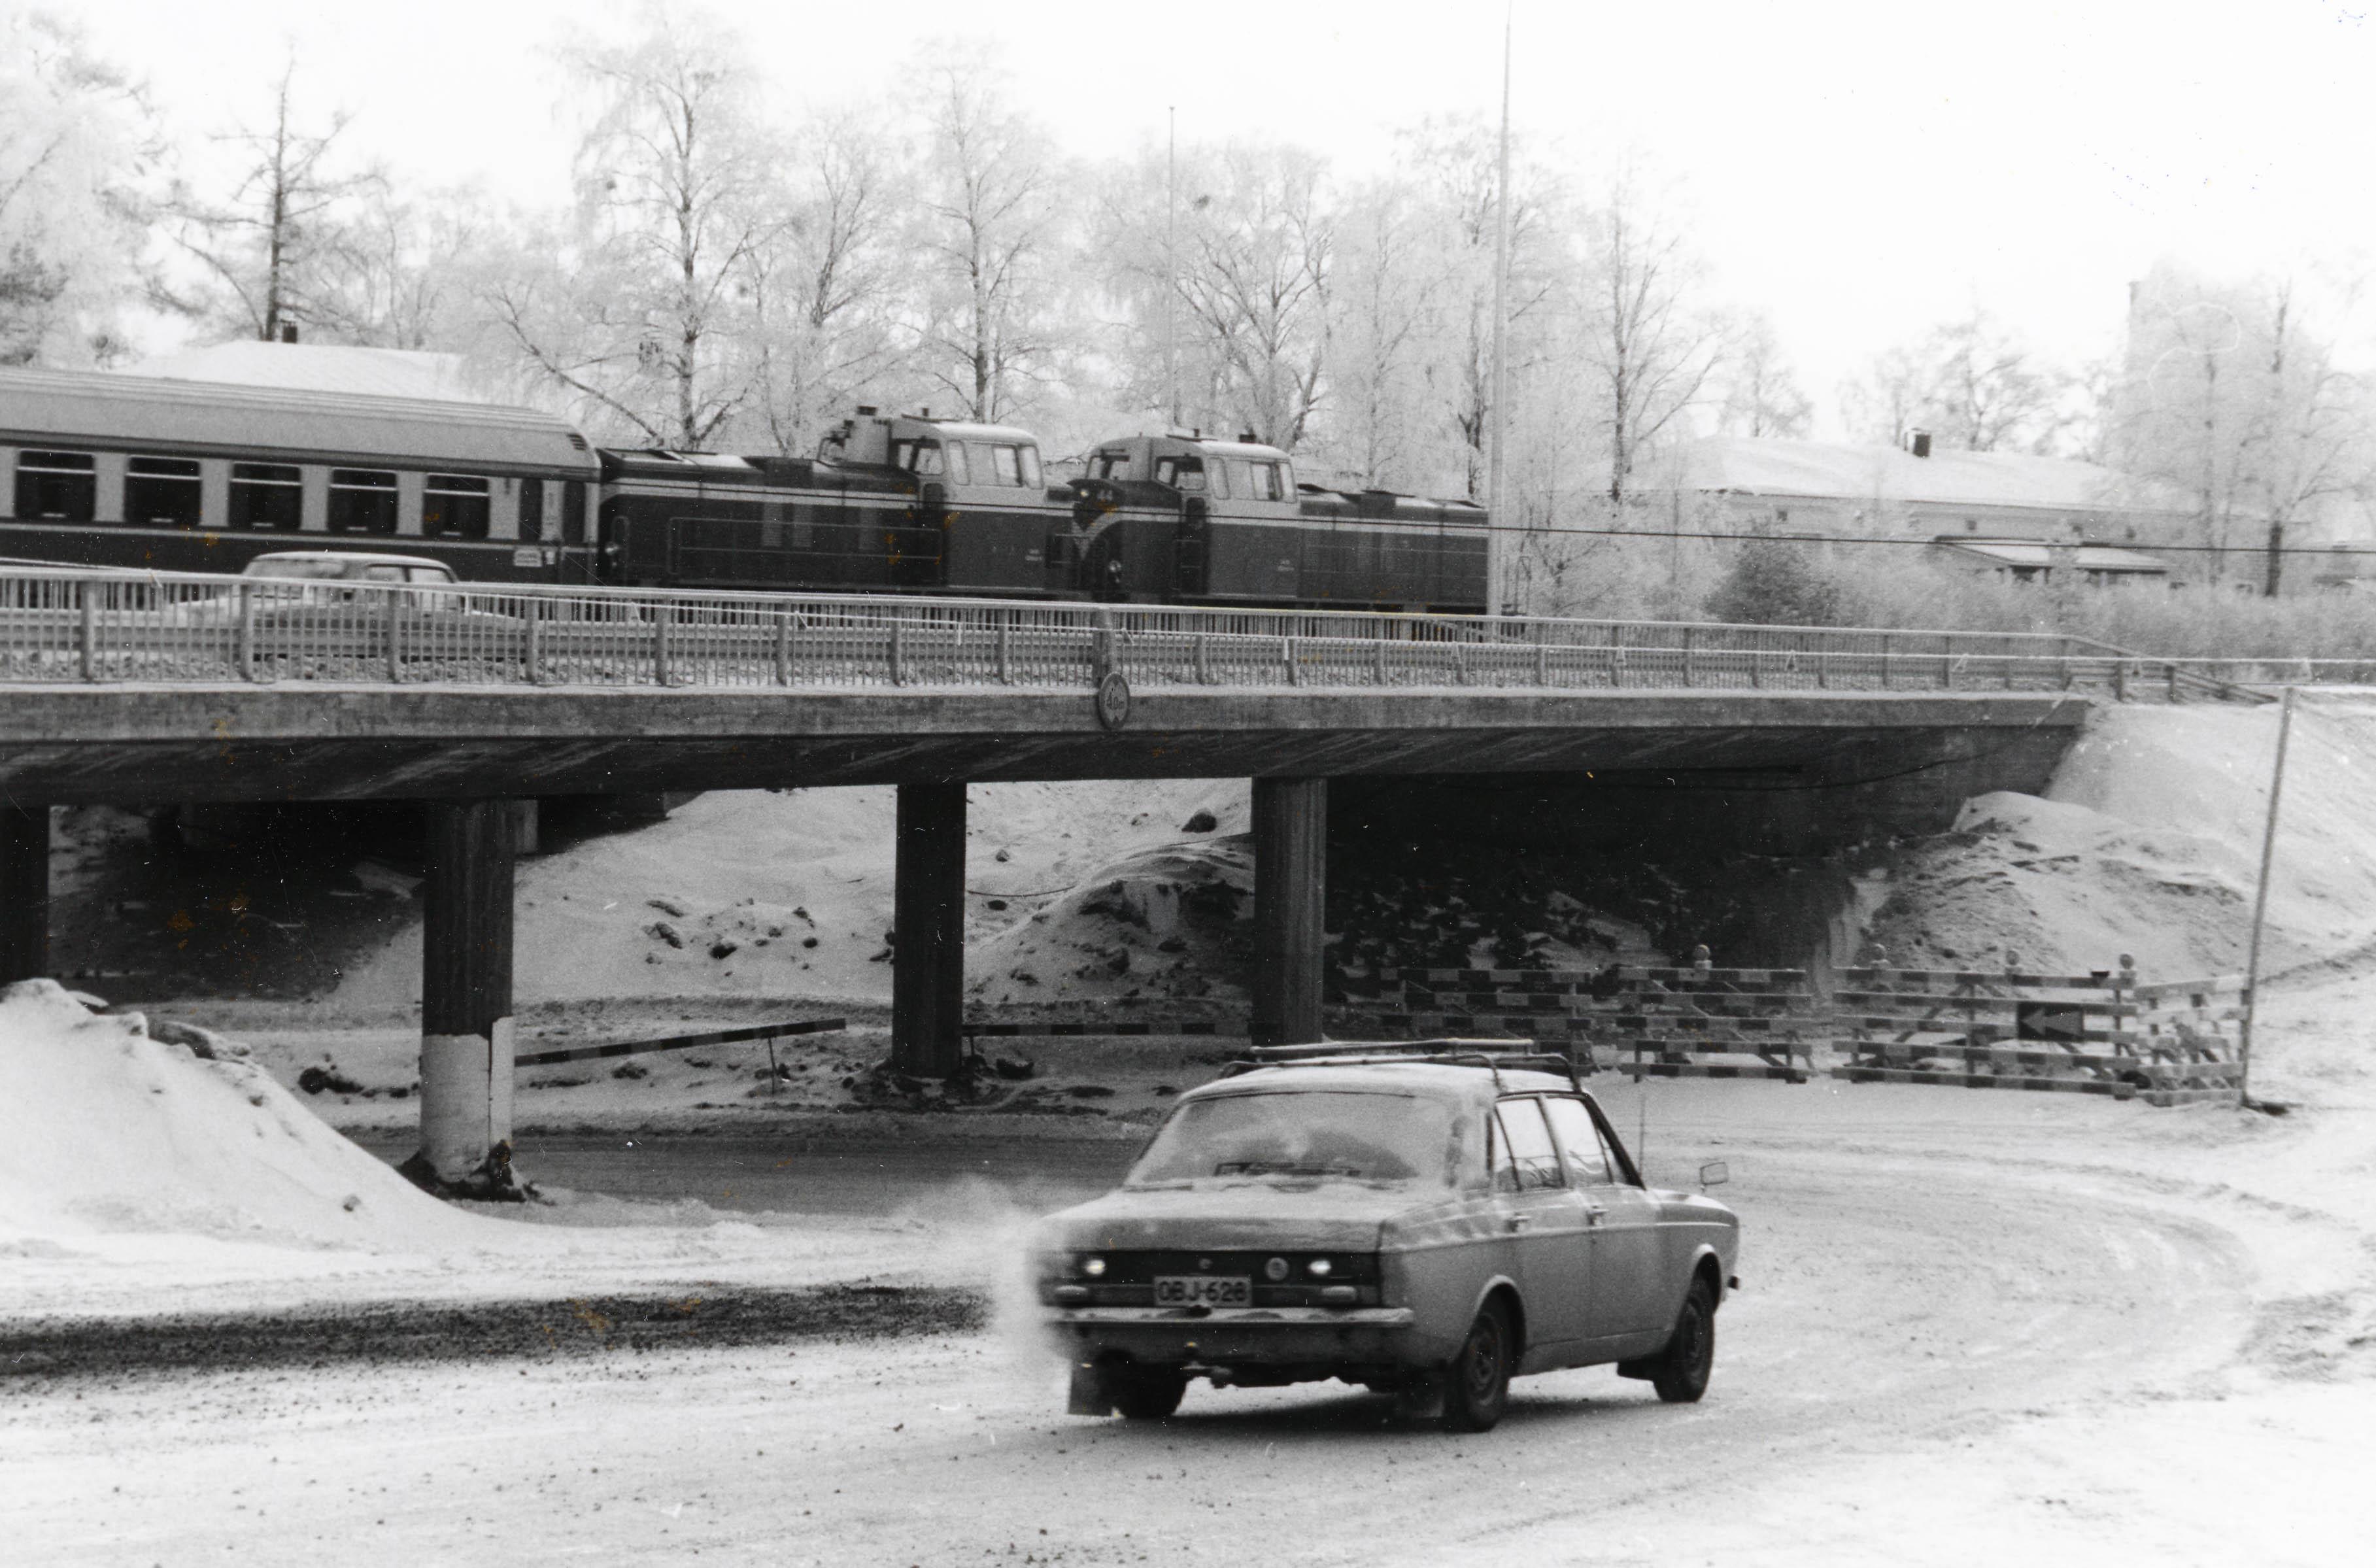 Kaksi dieselveturia ja matkustajavaunu sillalla, sillan alle on ajamassa auto mutkassa.